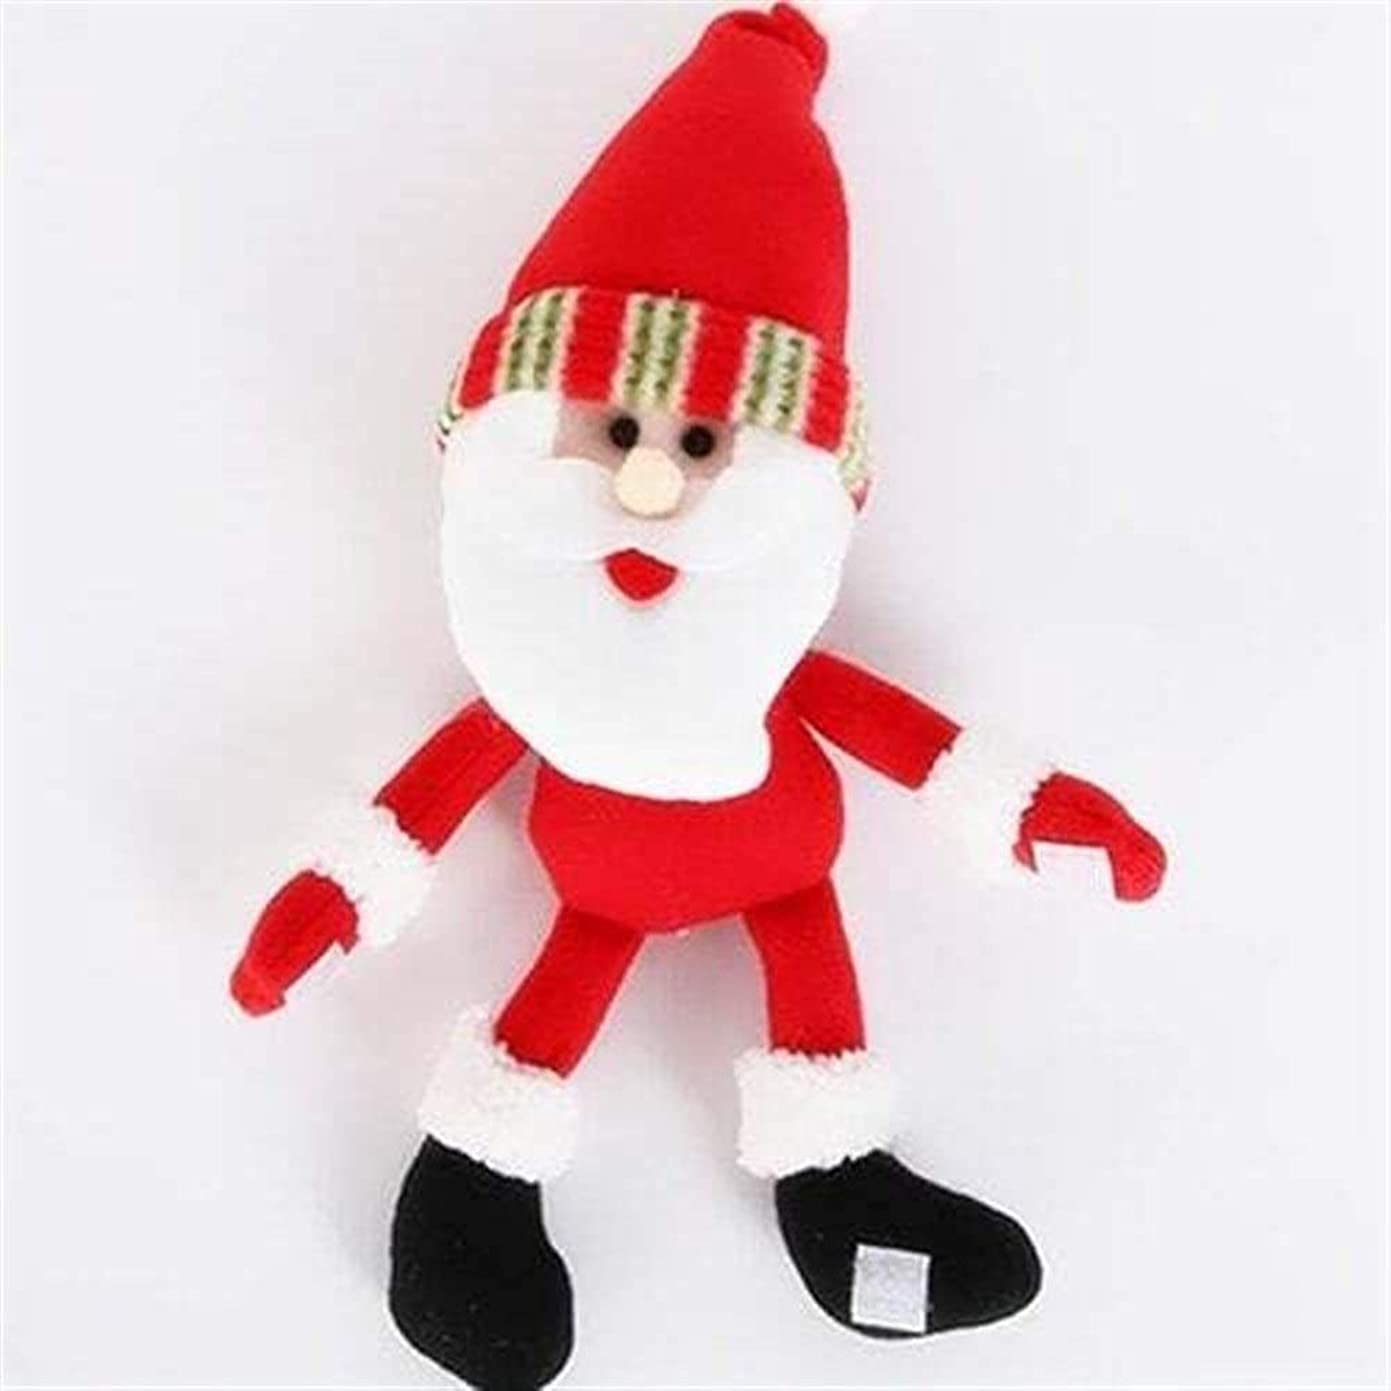 テーマ意識的代わりのサンタワインボトルカバー クリスマスの飾り かわいい ぬいぐるみ 人形 シャンパンボトル バー レストランの装飾 サンタ 雪だるま おもちゃ 小道具 精霊 パーティー用品 小道具 (Color : Multi-A)